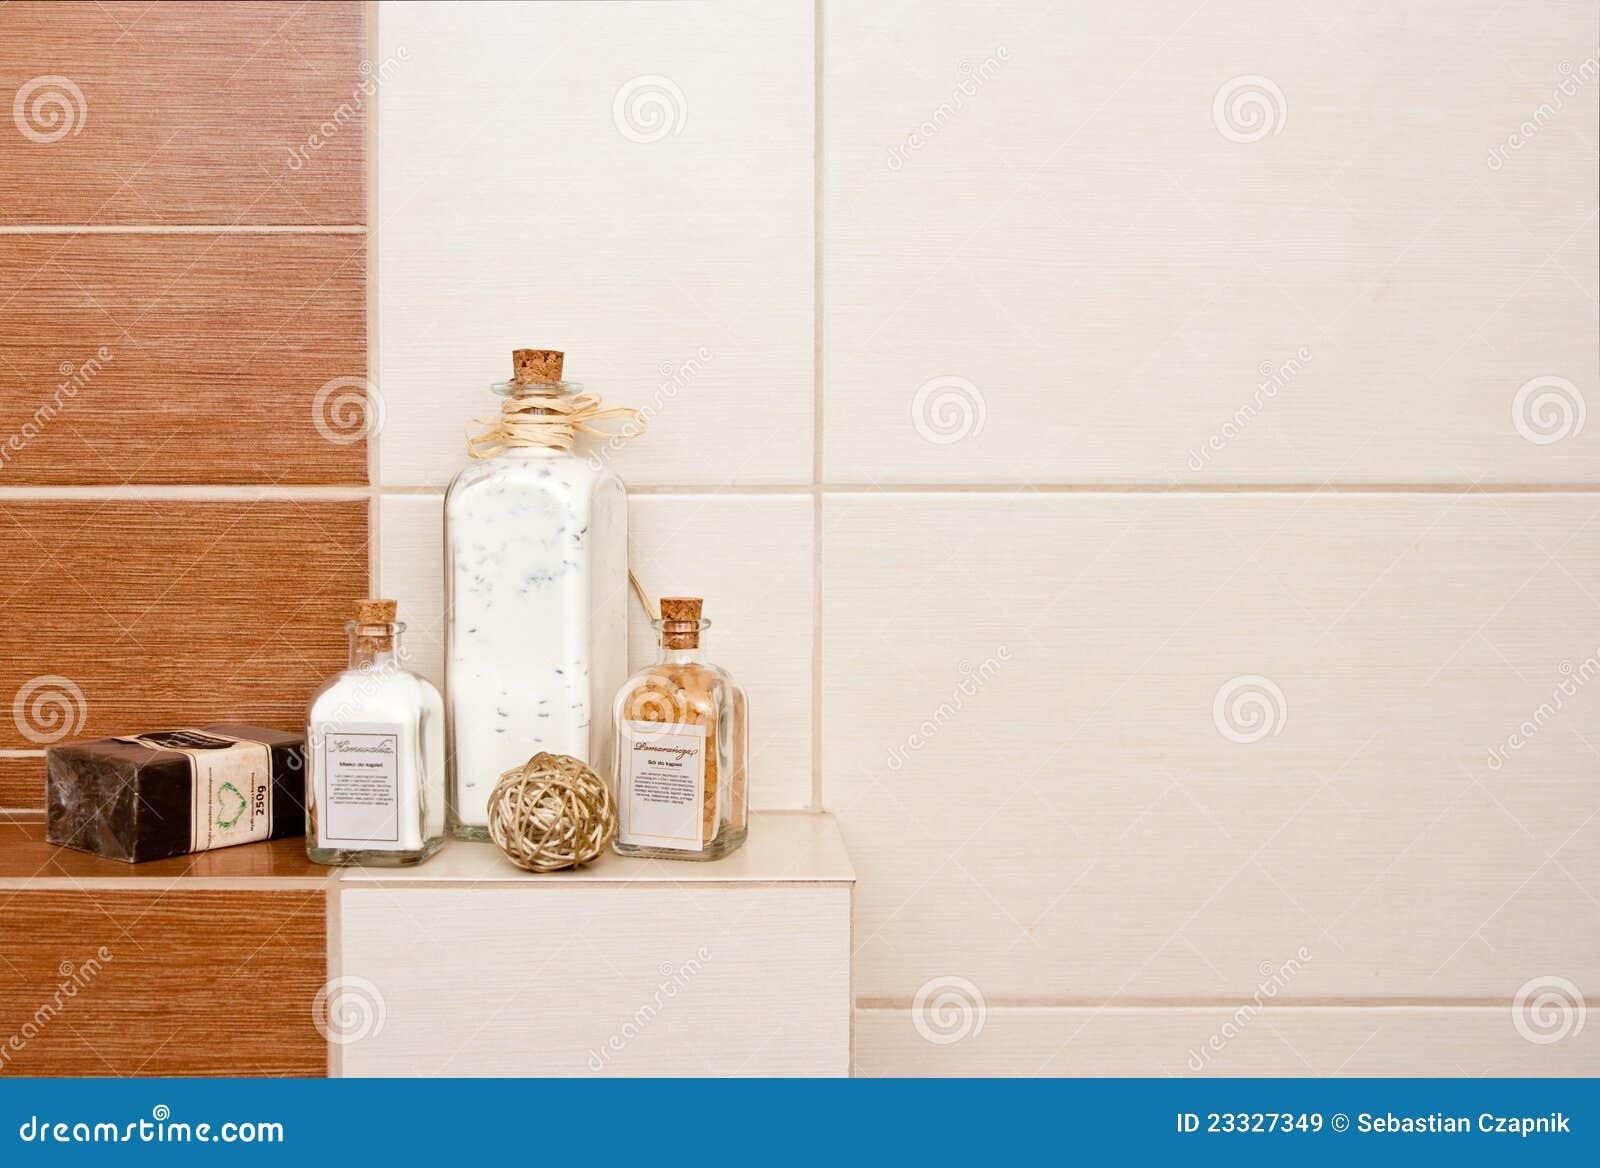 Decorazioni bagno ~ avienix.com for .